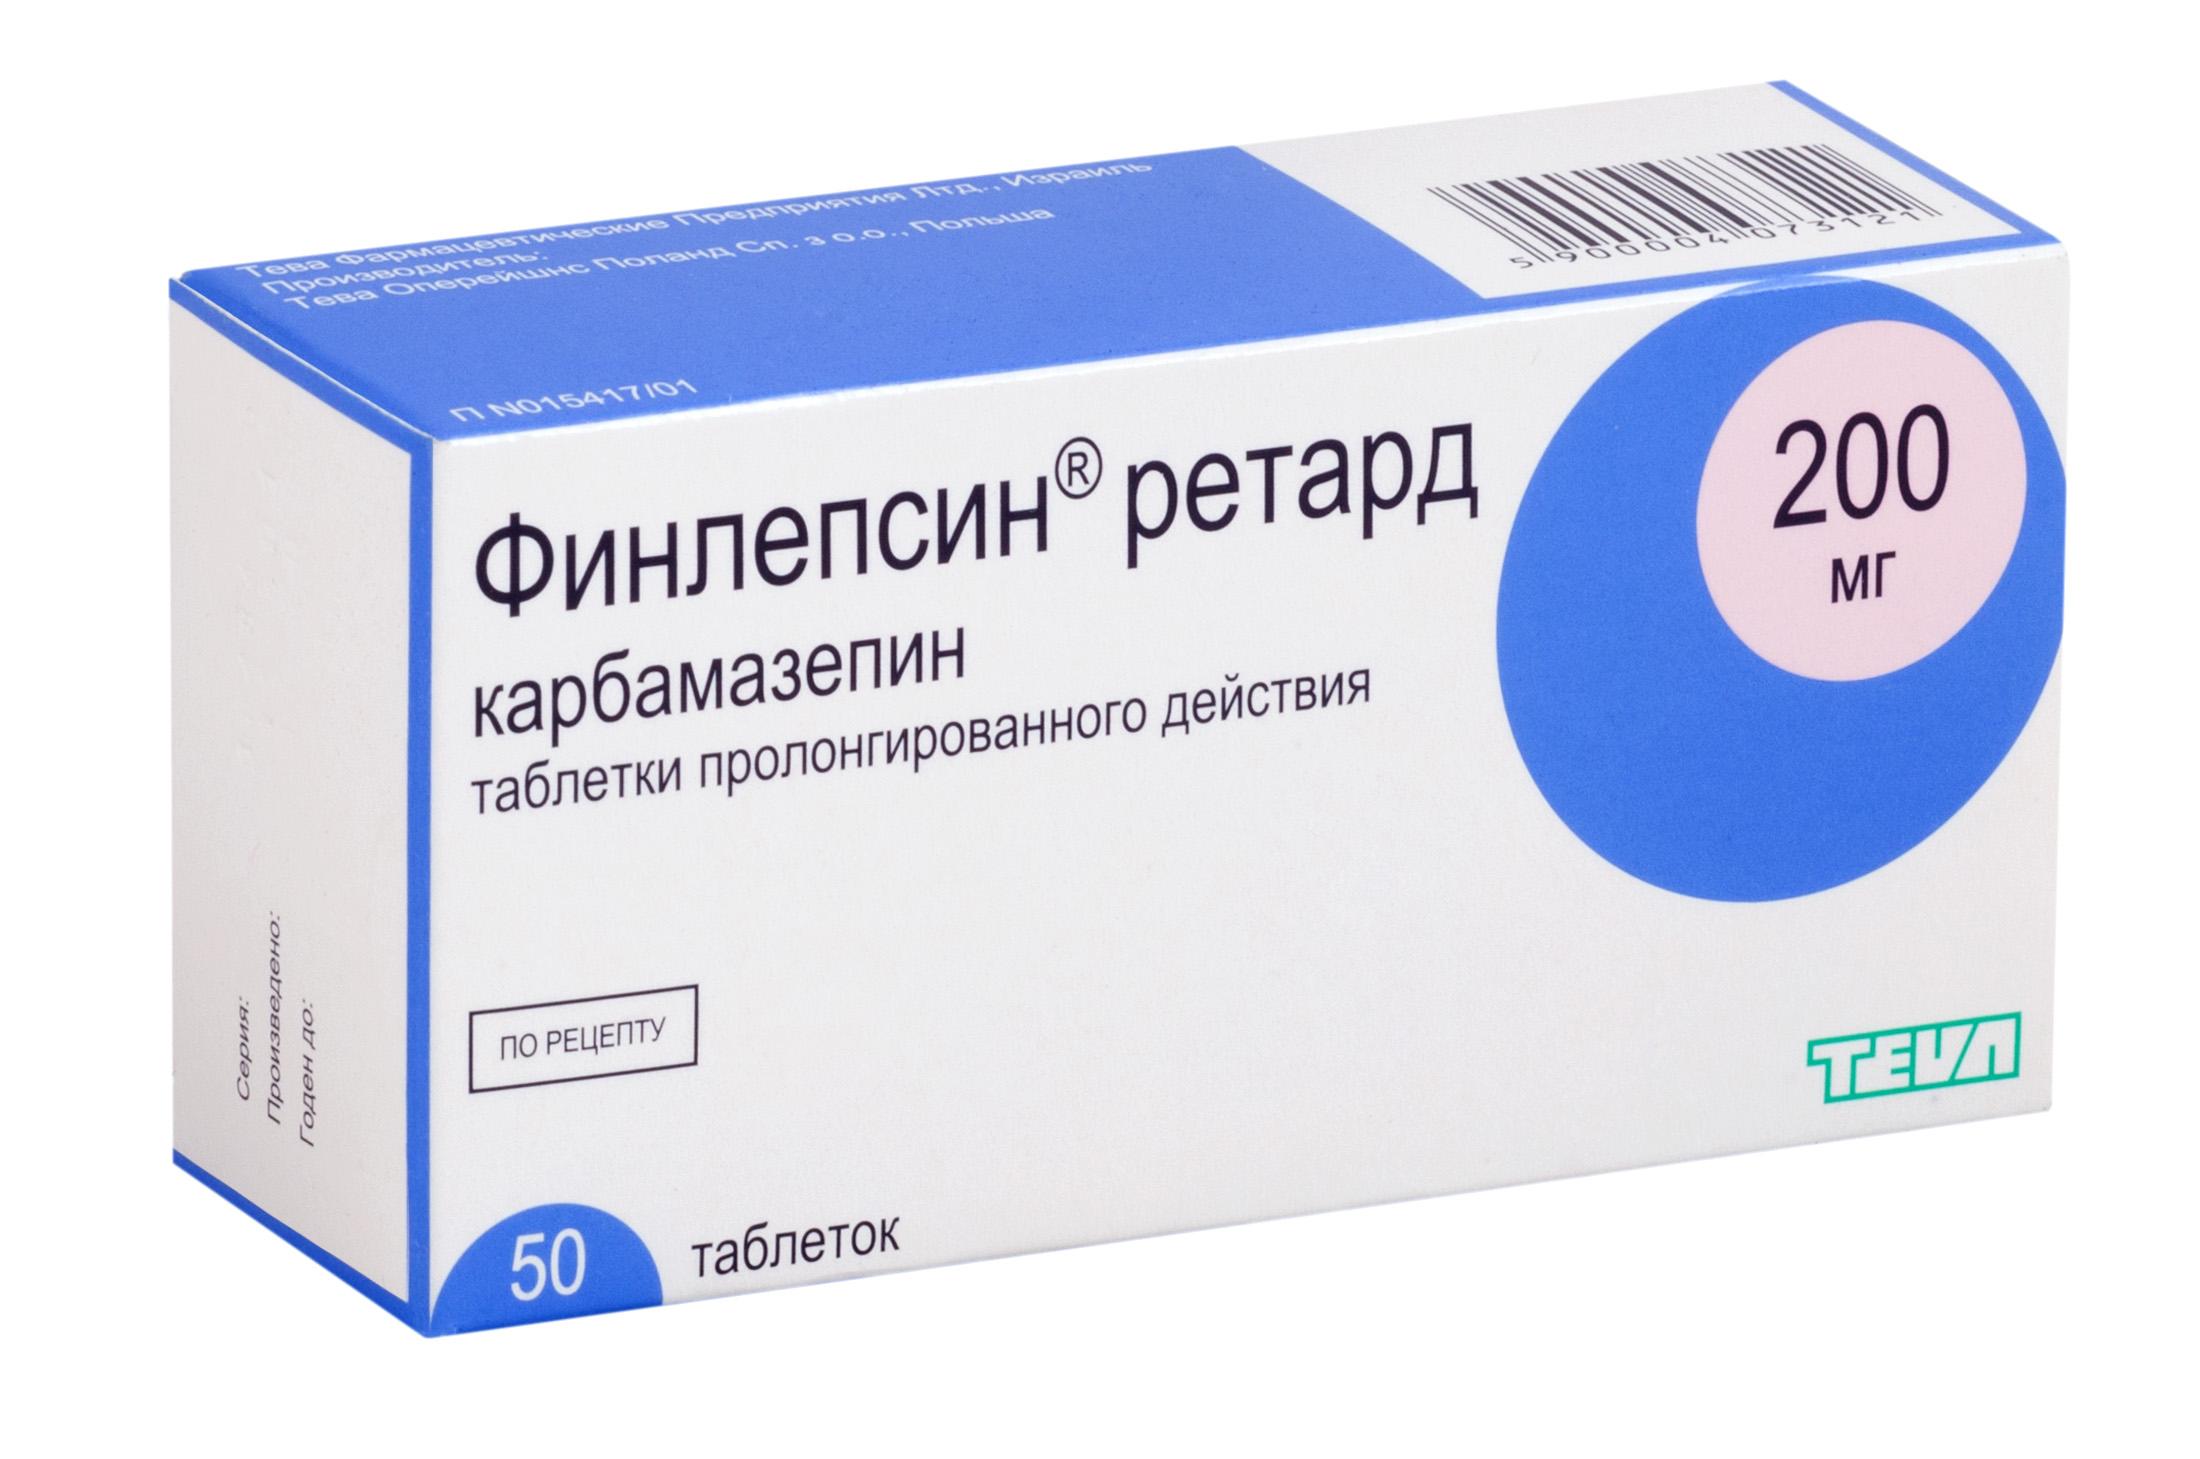 Инструкция по применению препарата финлепсин и отзывы о нем